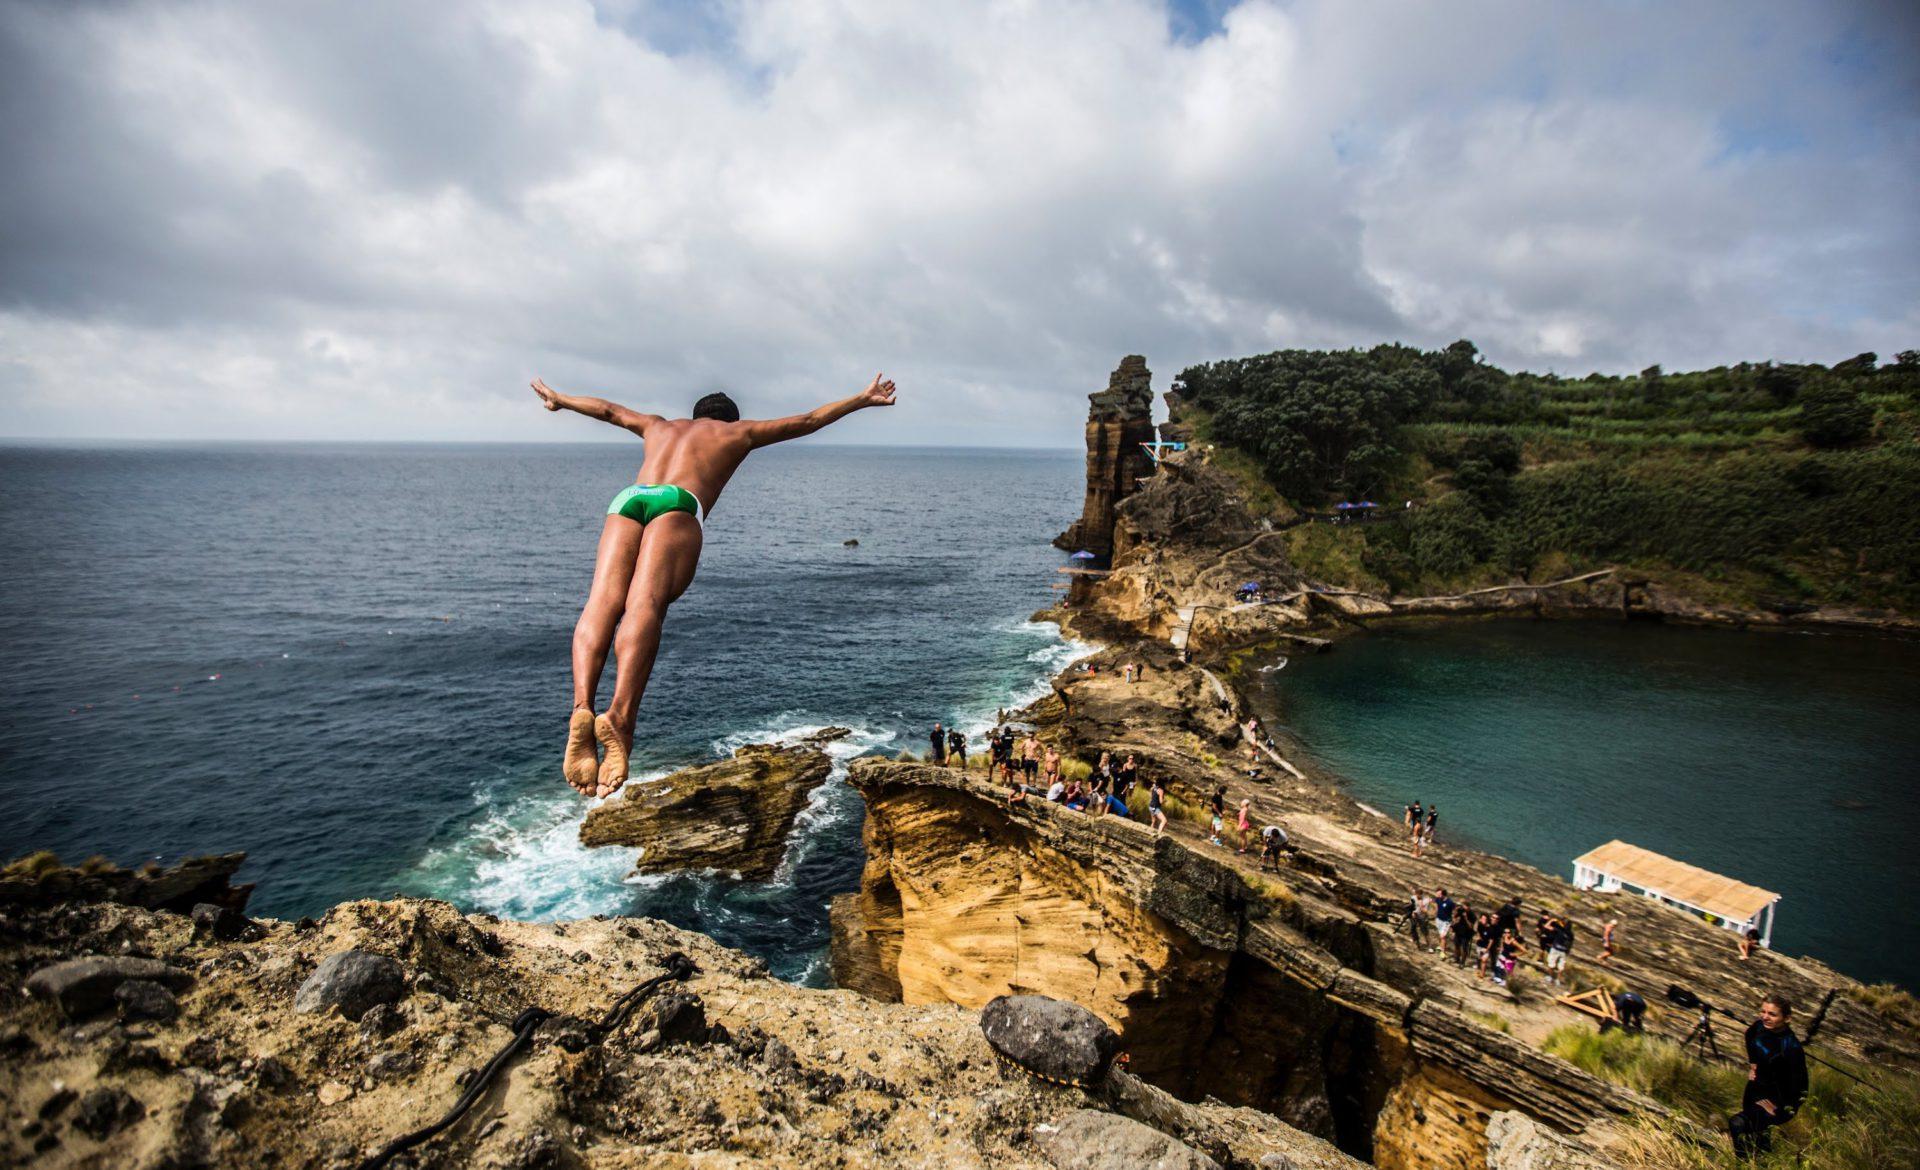 Les 5 spots de plongeon les plus dangereux au monde